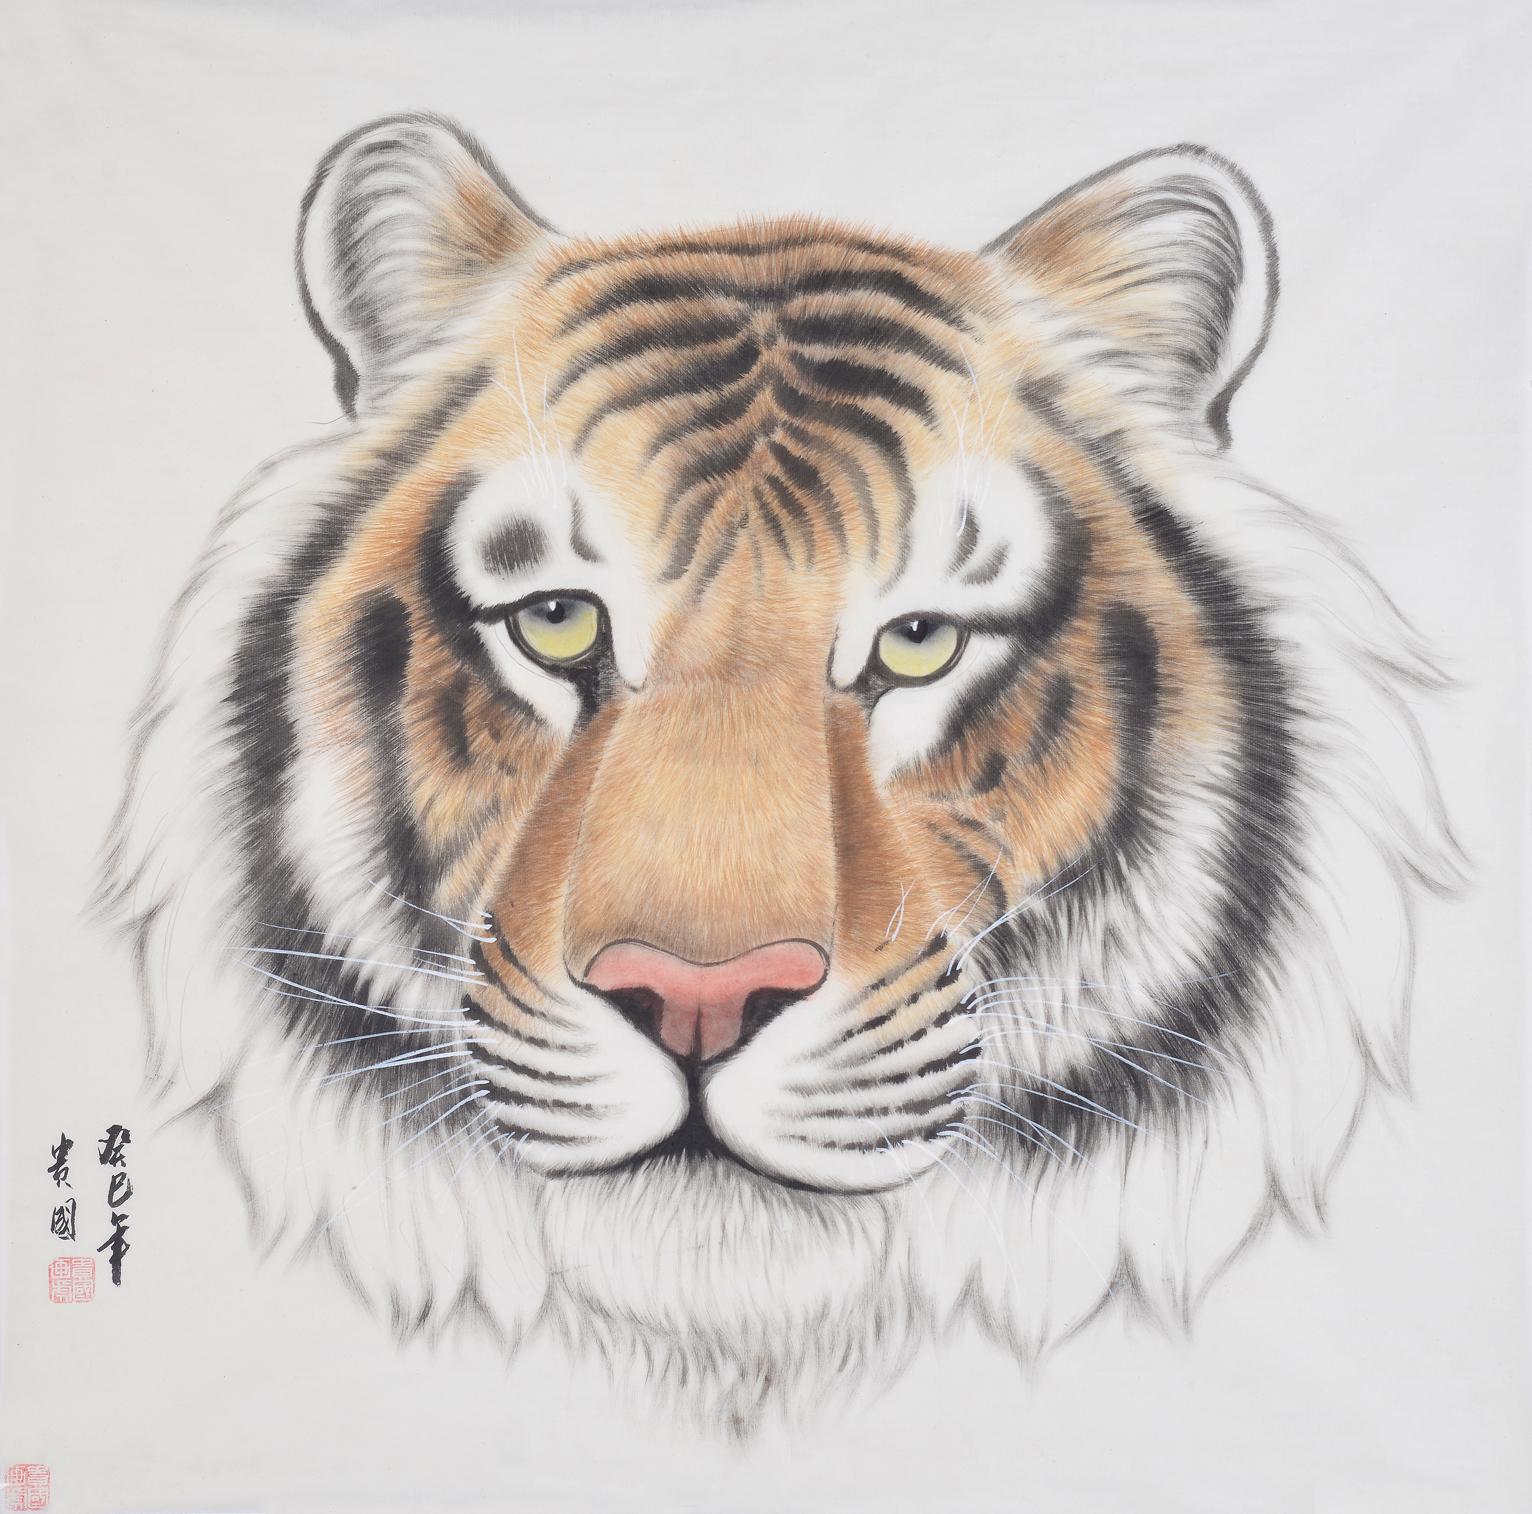 王贵国四尺斗方动物画作品《老虎》